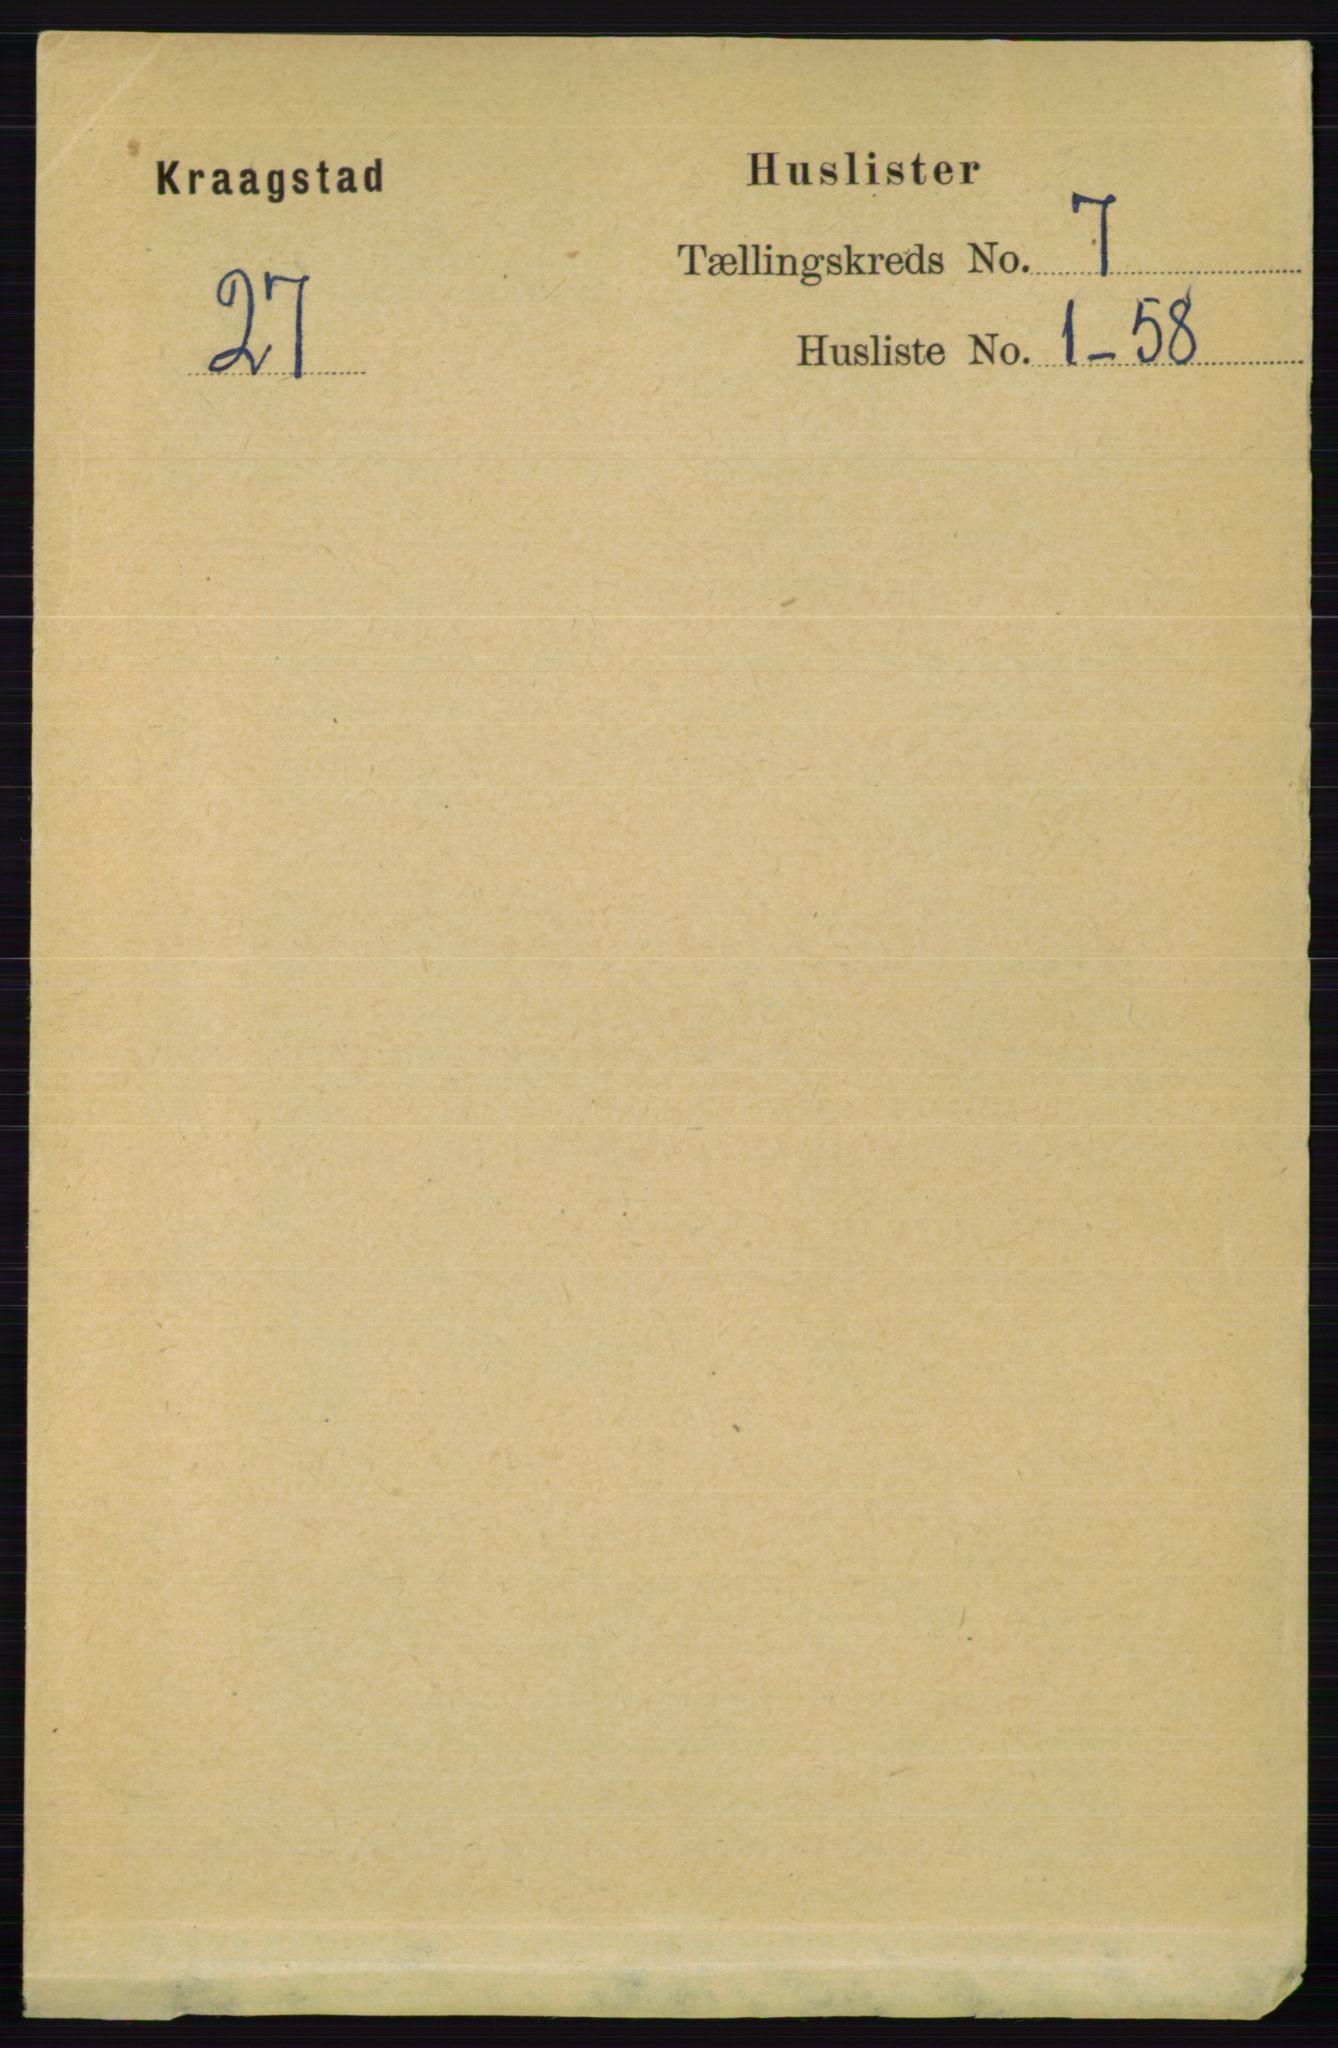 RA, Folketelling 1891 for 0212 Kråkstad herred, 1891, s. 3285